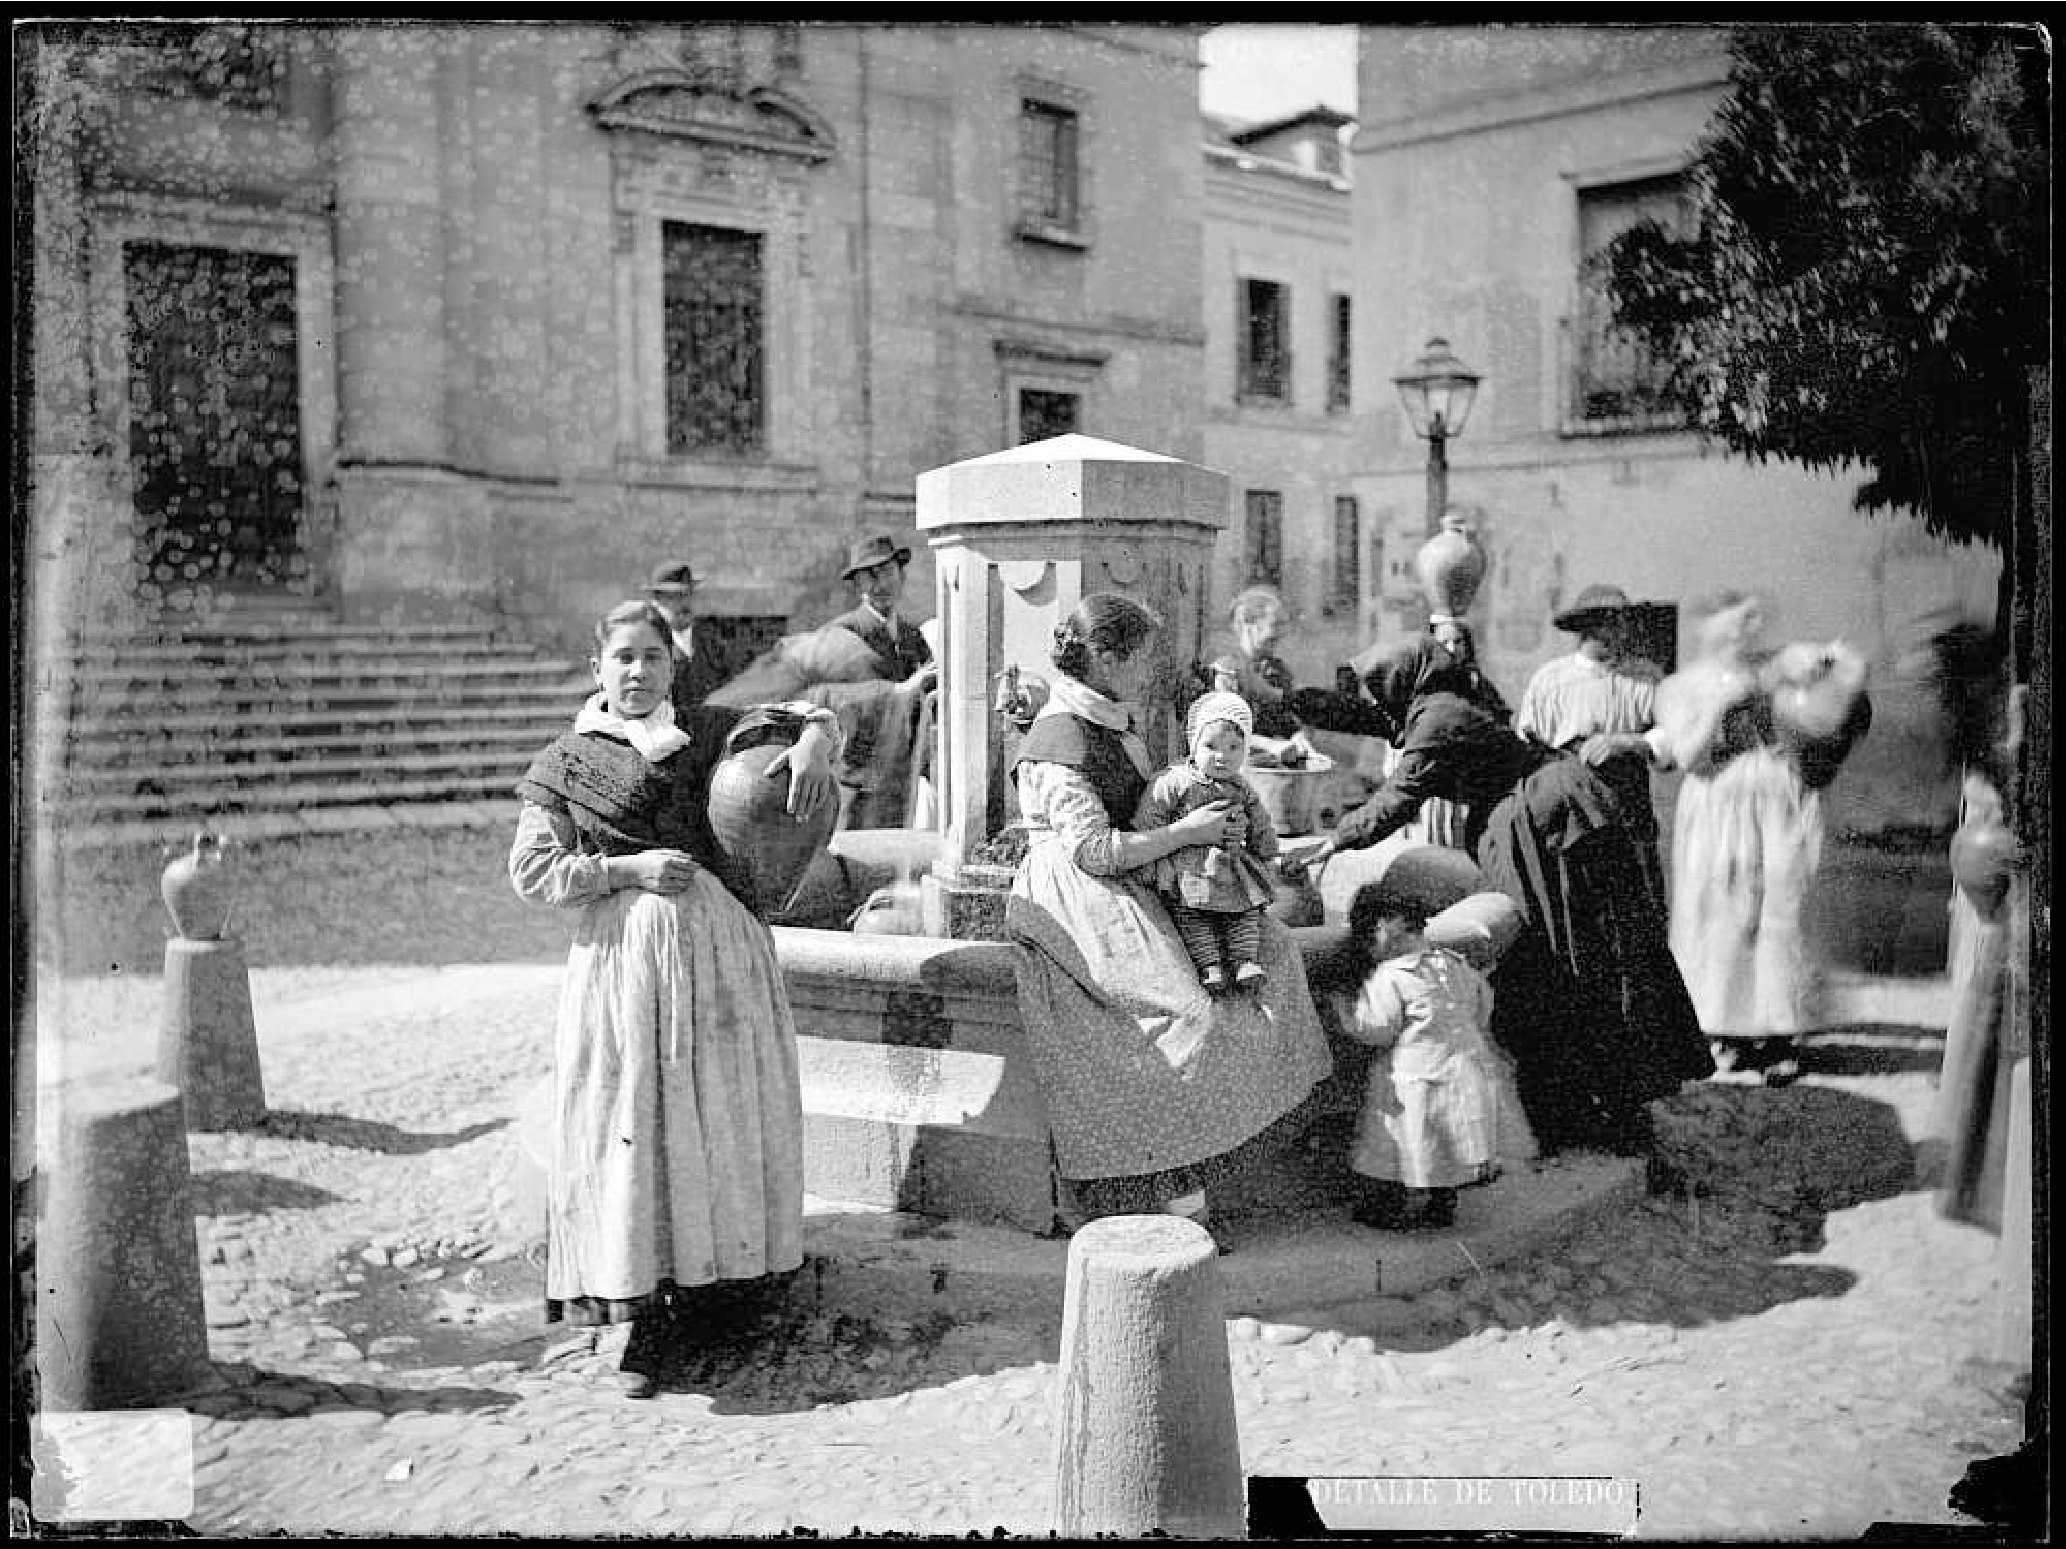 Fuente en la Plaza Juan de Mariana, Casiano Alguacial